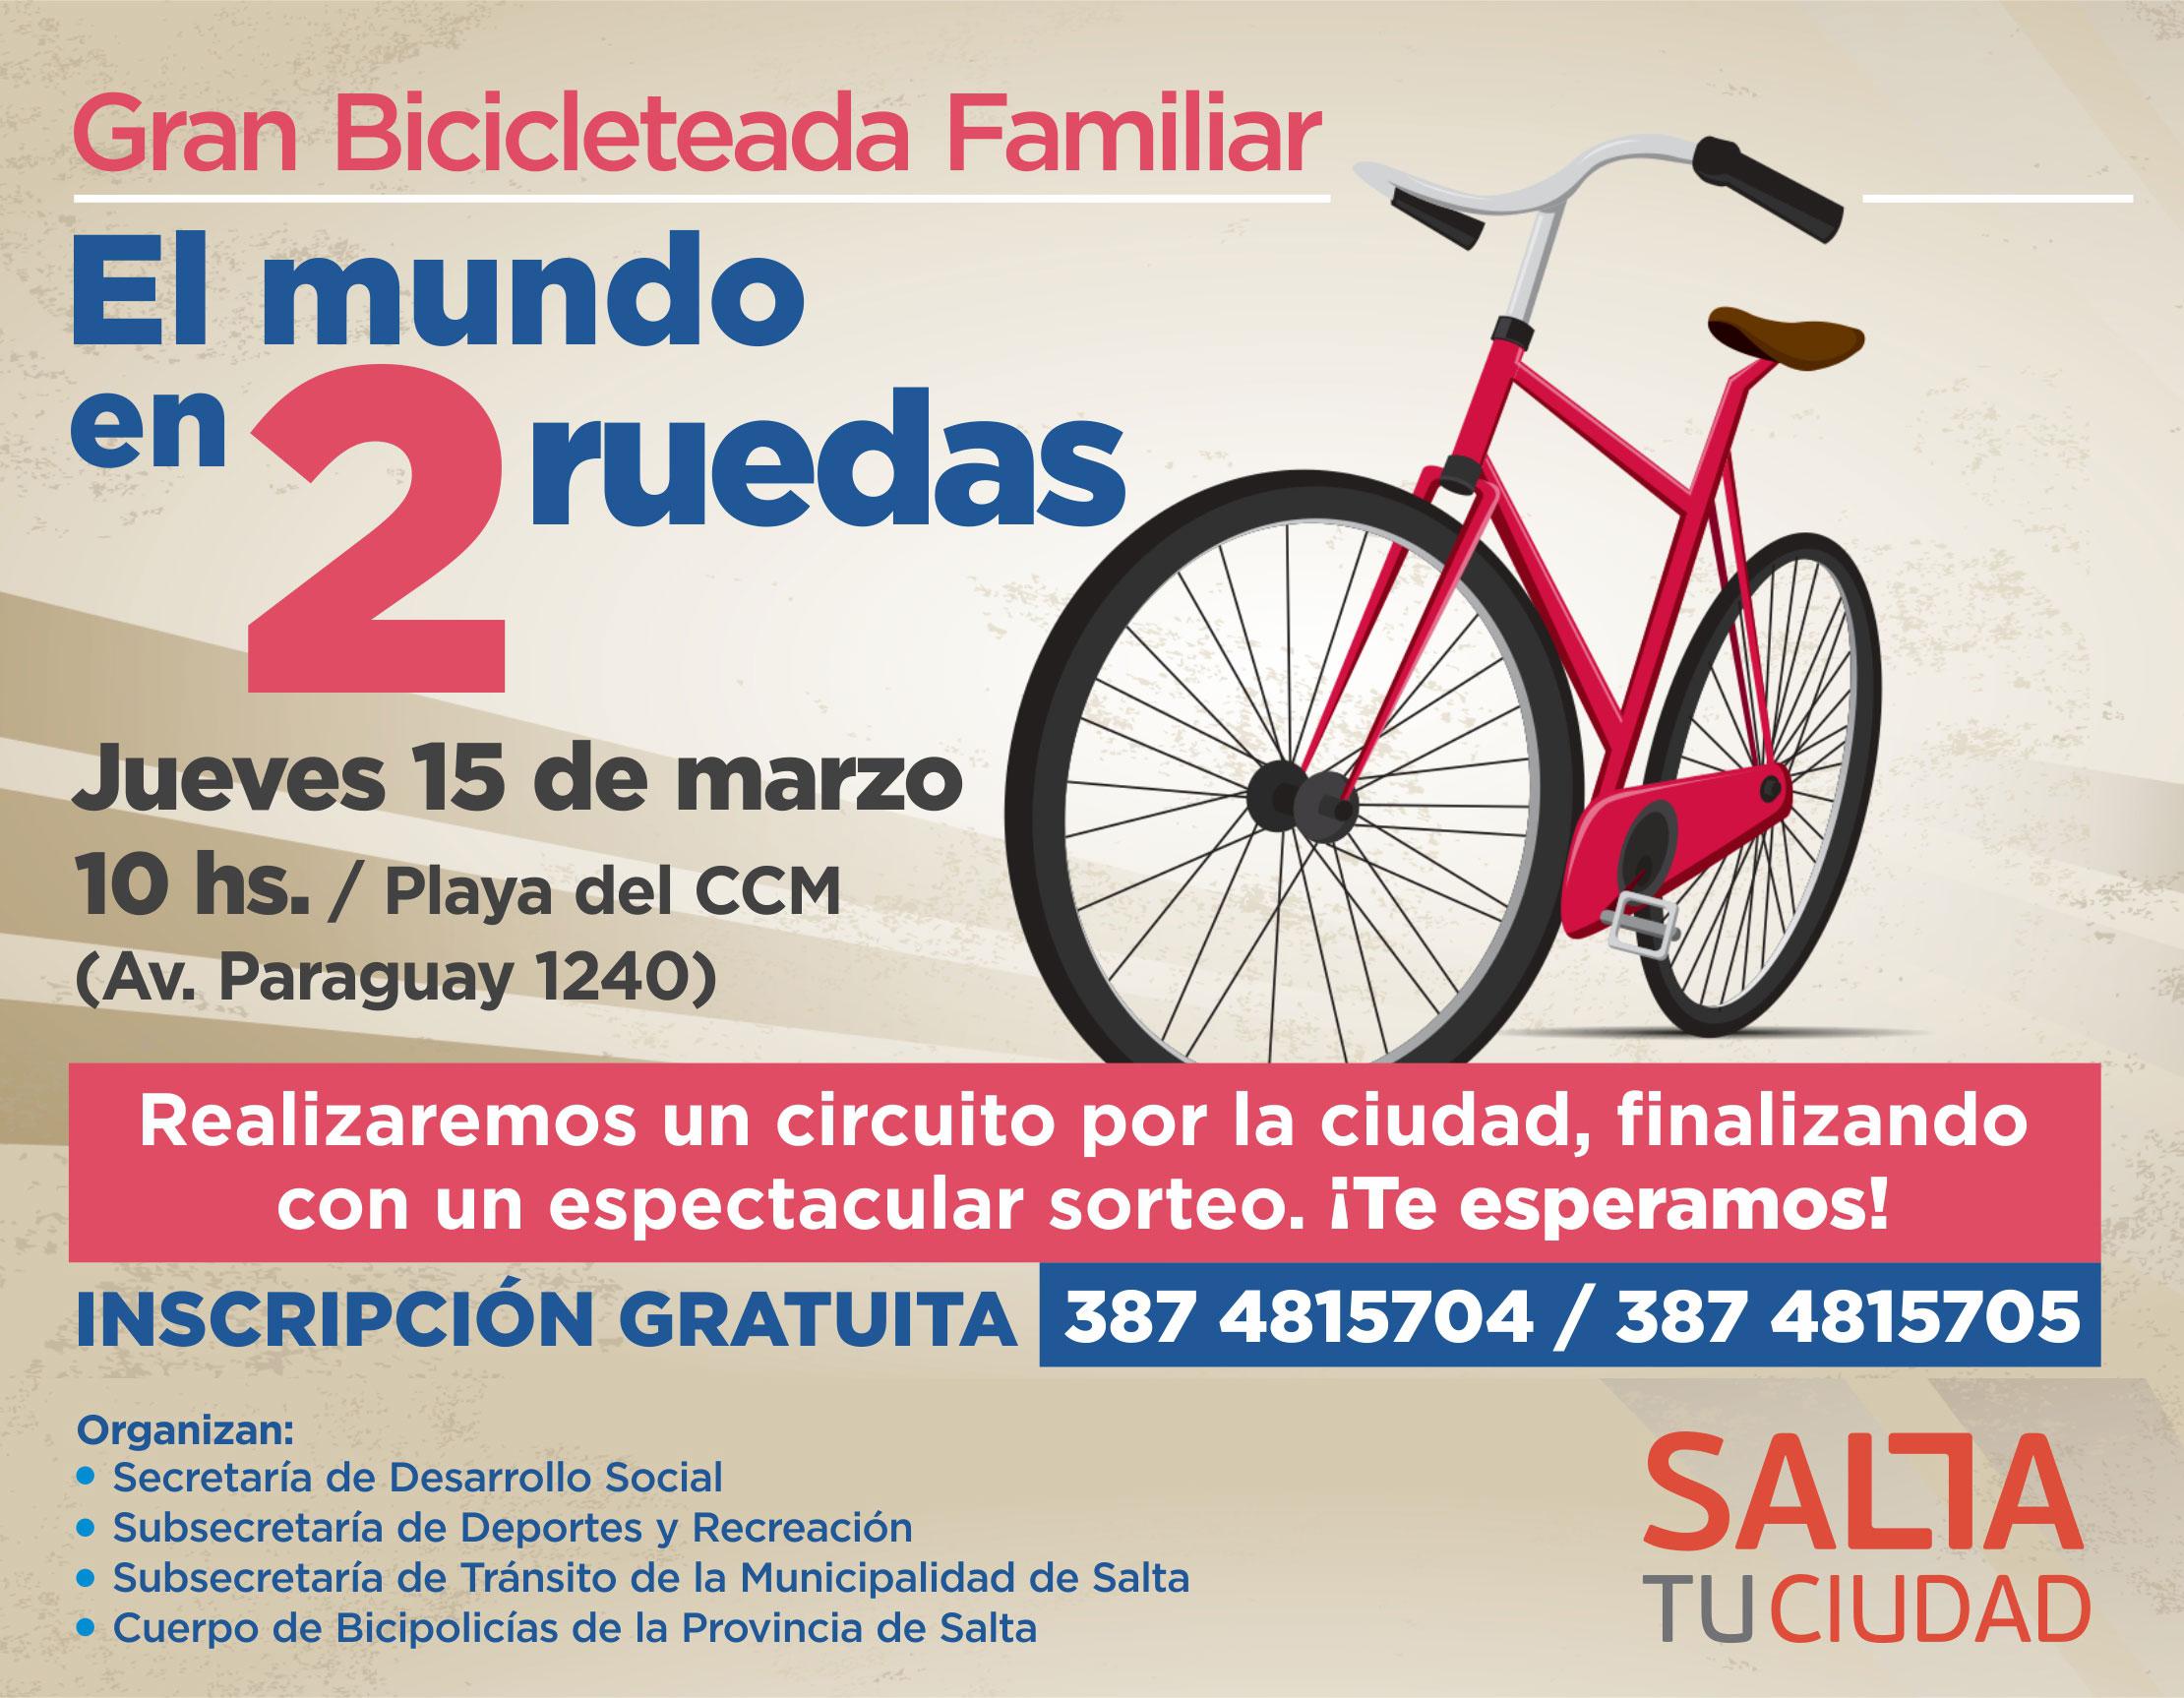 """""""El mundo en 2 ruedas"""", la gran bicicleteada familiar"""